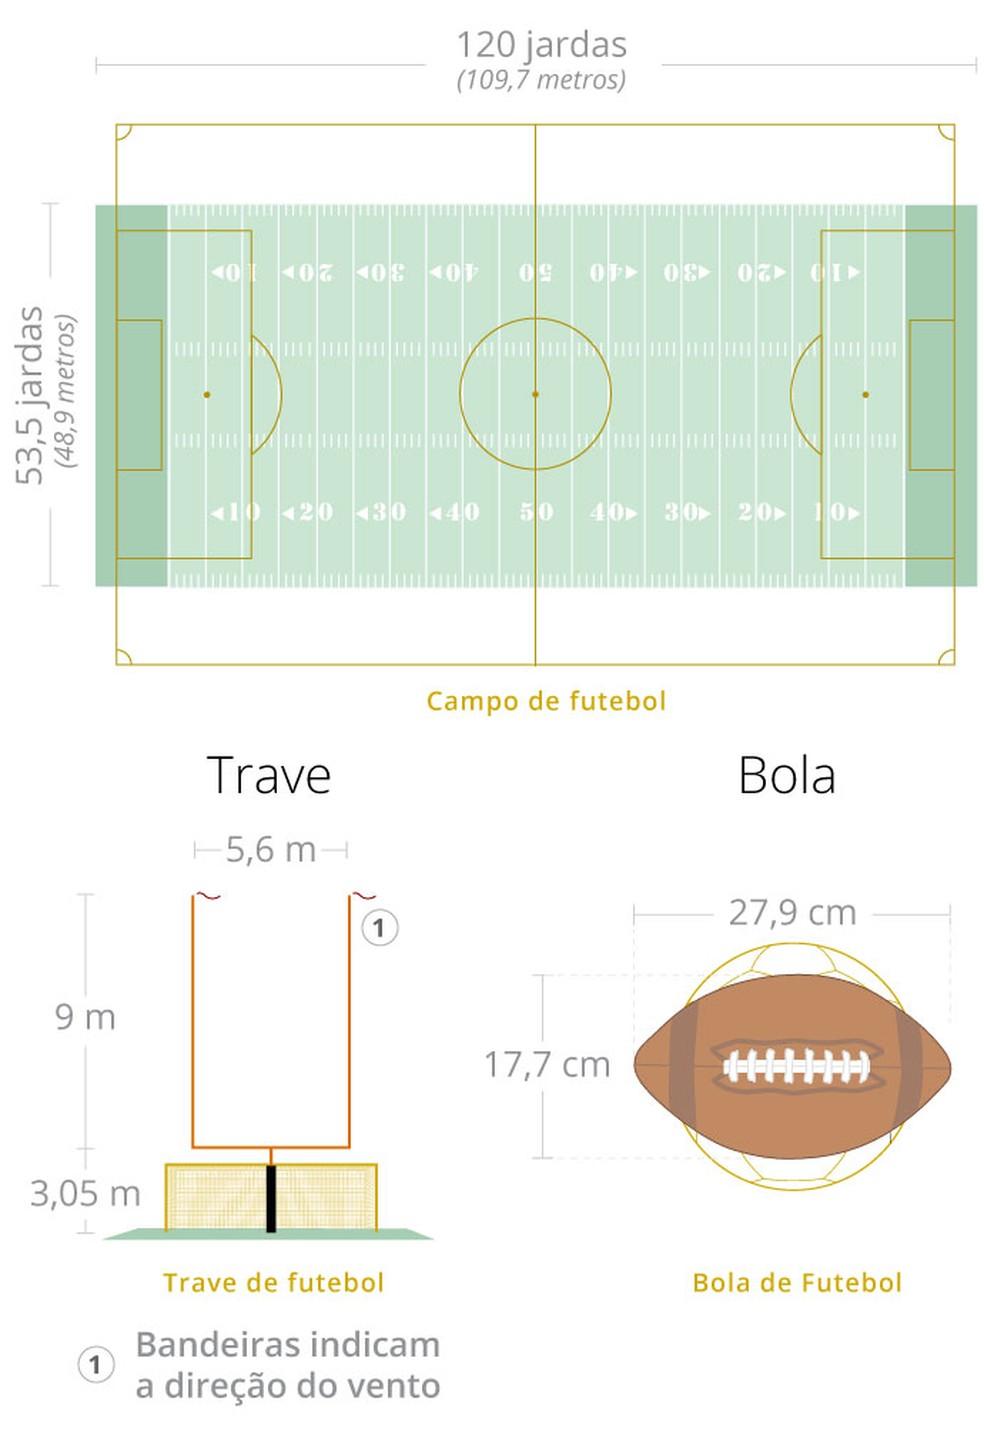 O campo de futebol americano é mais longo e estreito que um de futebol, veja na comparação — Foto: infografia